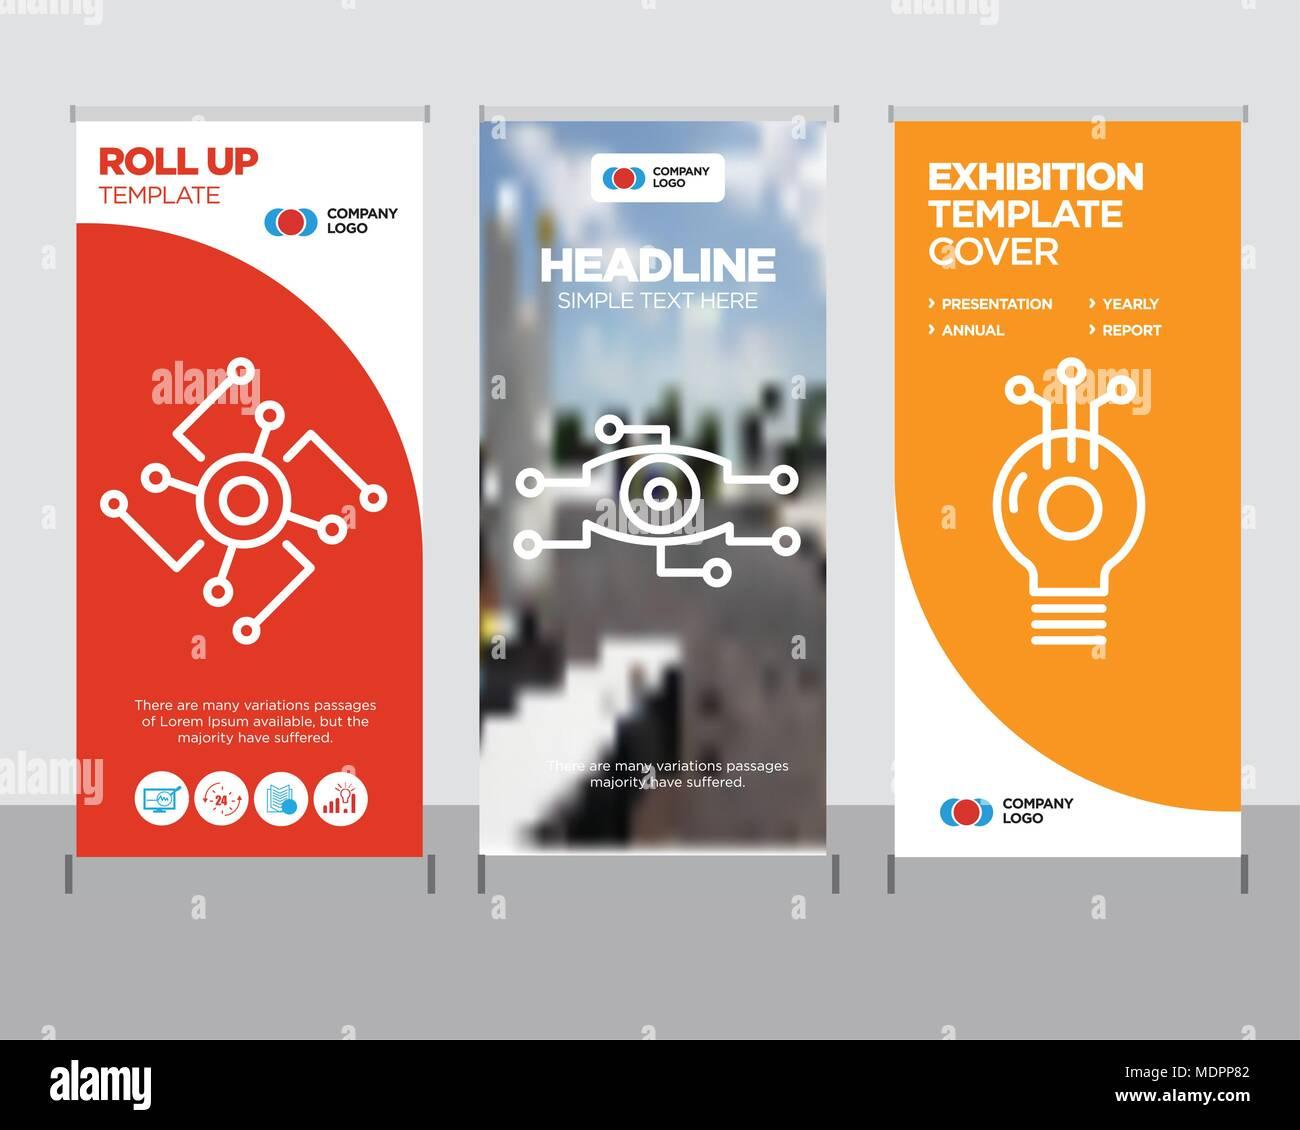 Idea modern business roll up banner design template, Analysis